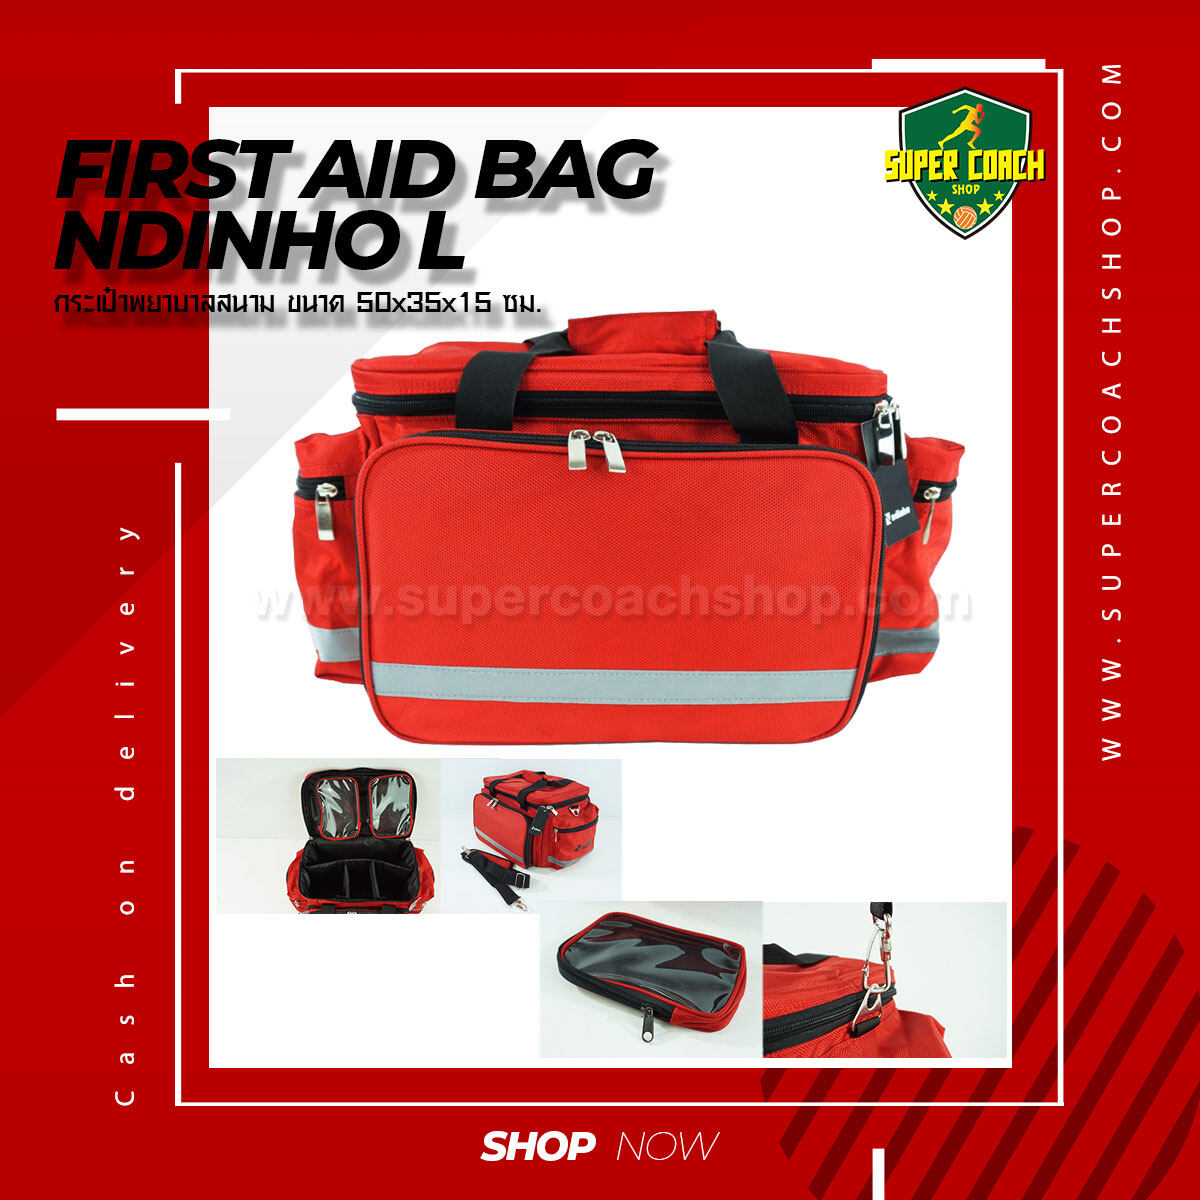 First Aid Bag กระเป๋าสะพาย 50*35 /กระเป๋าพยาบาล กระเป๋าฉุกเฉิน กระเป๋าปฐมพยาบาล กระเป๋ายา กระเป๋าเวชภัณฑ์ กระเป๋ากู้ภัย.